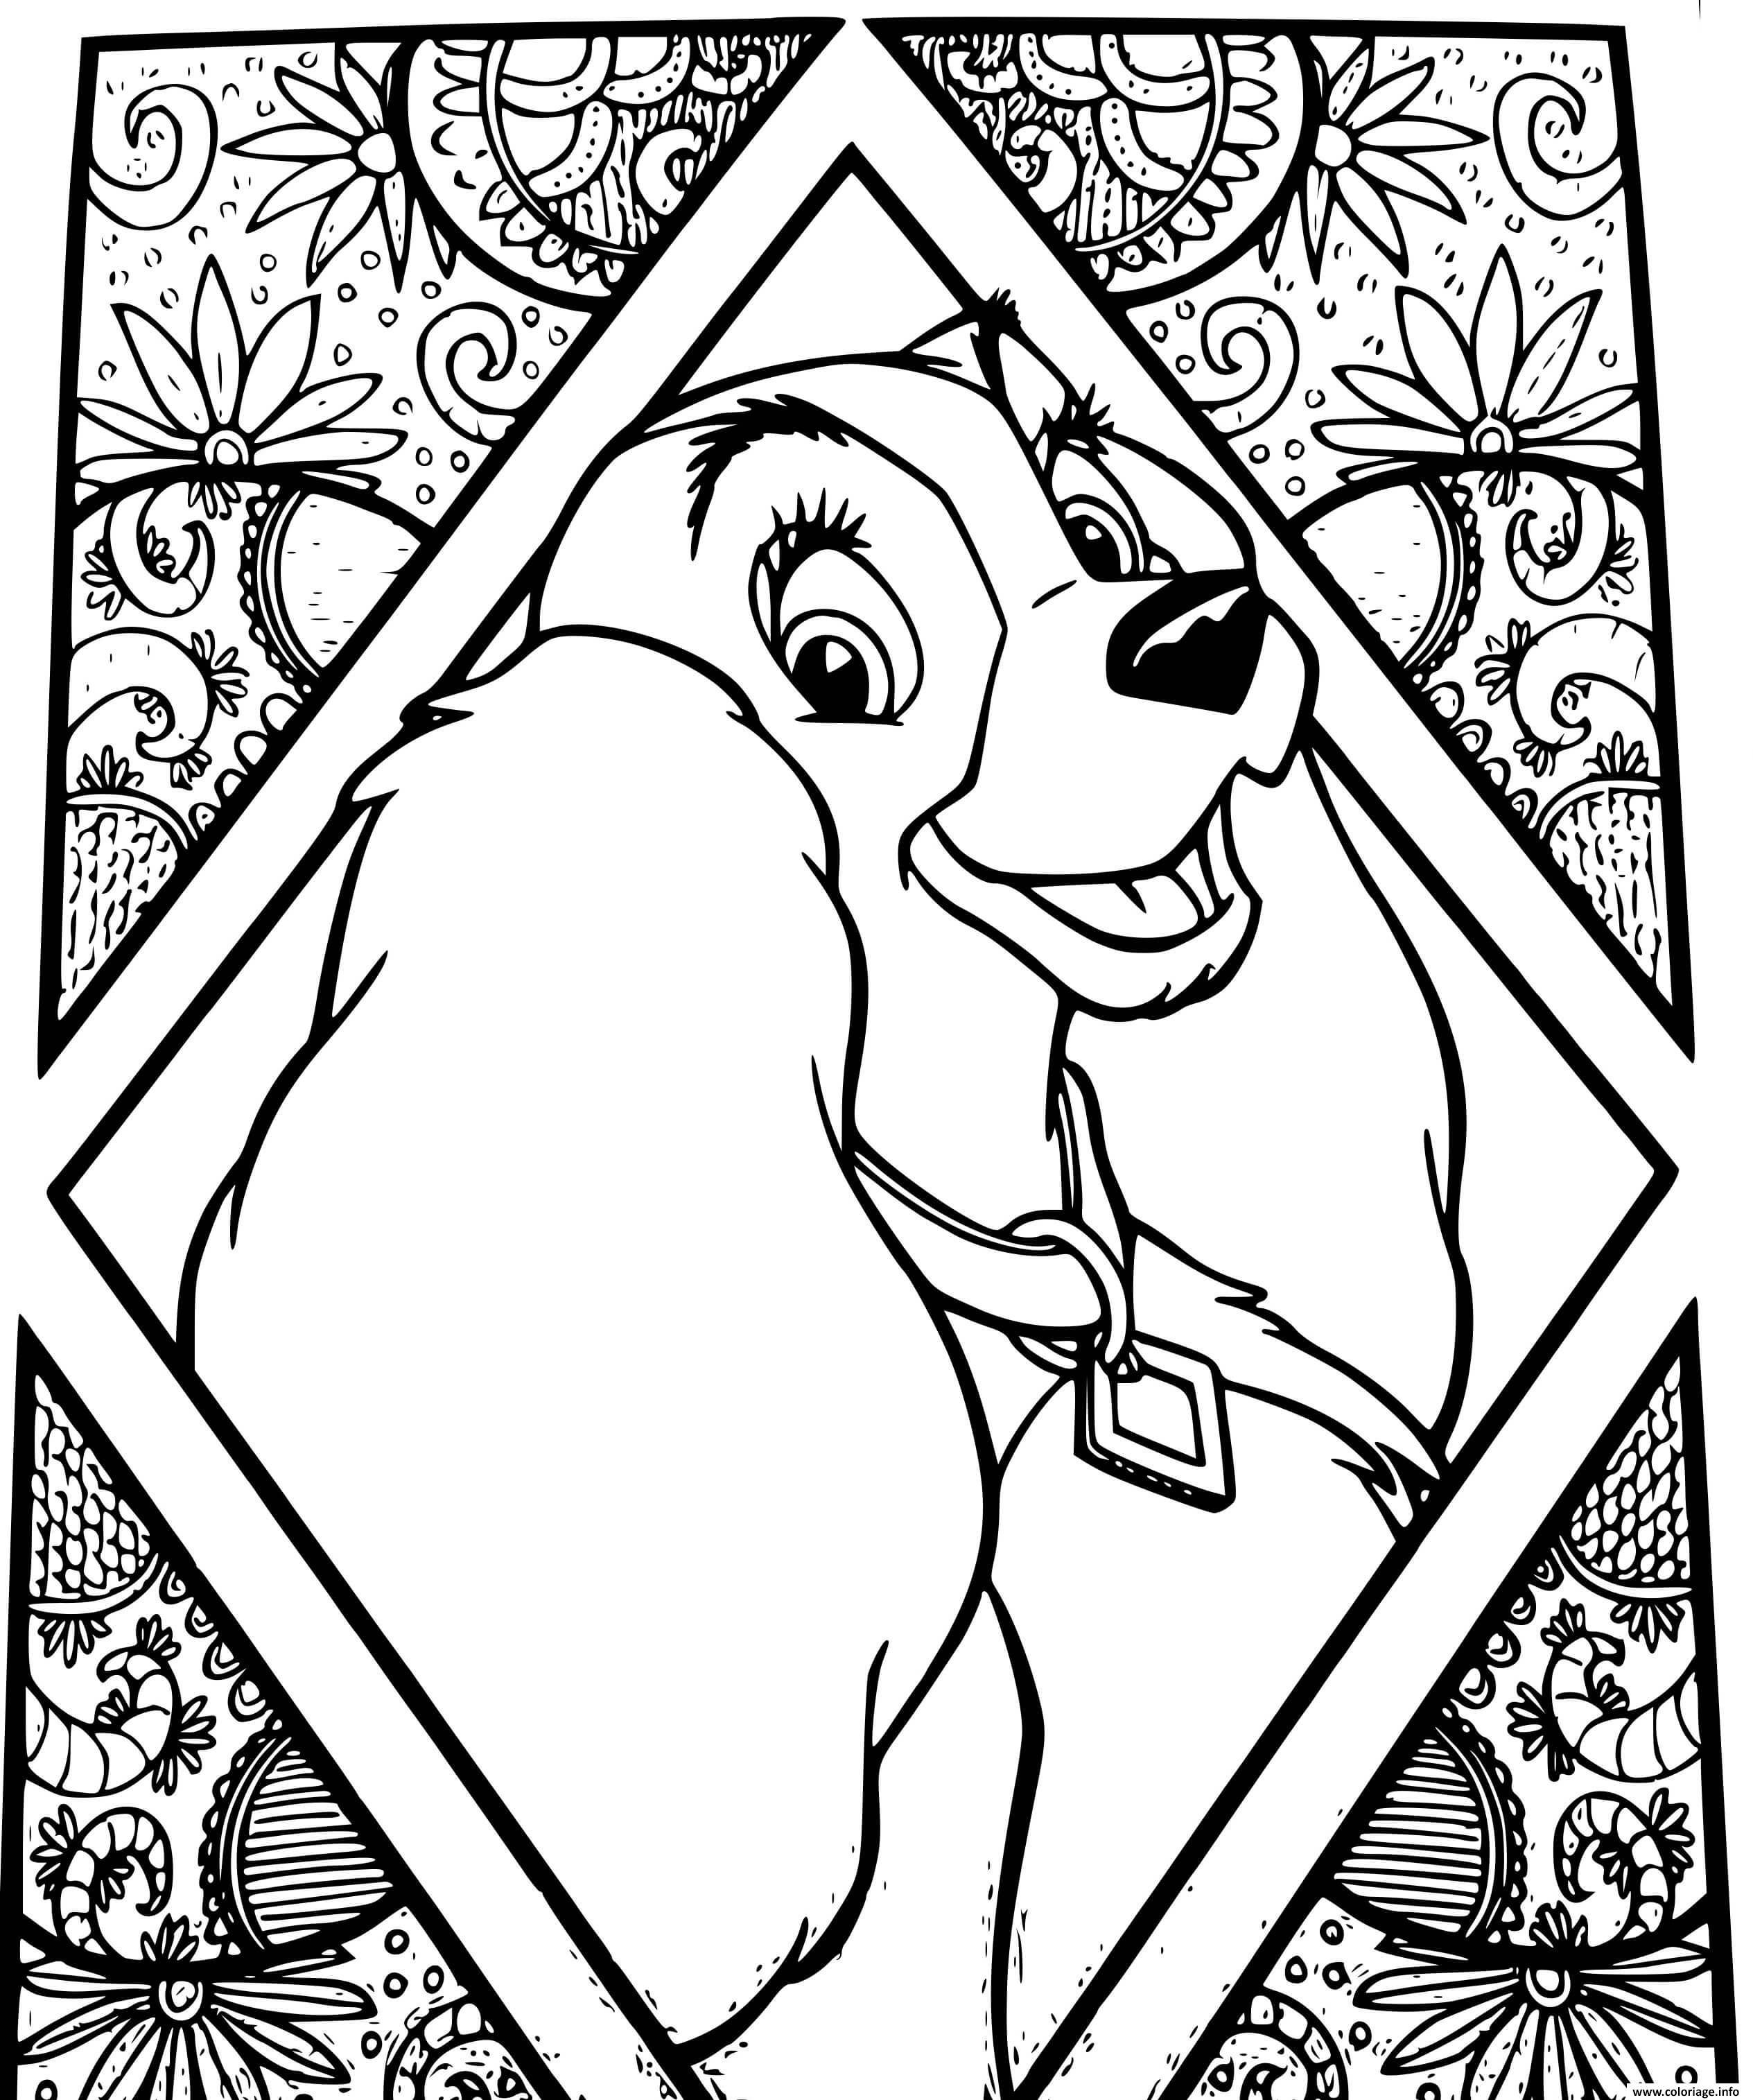 Dessin chien disney lady la belle et le clochard Coloriage Gratuit à Imprimer